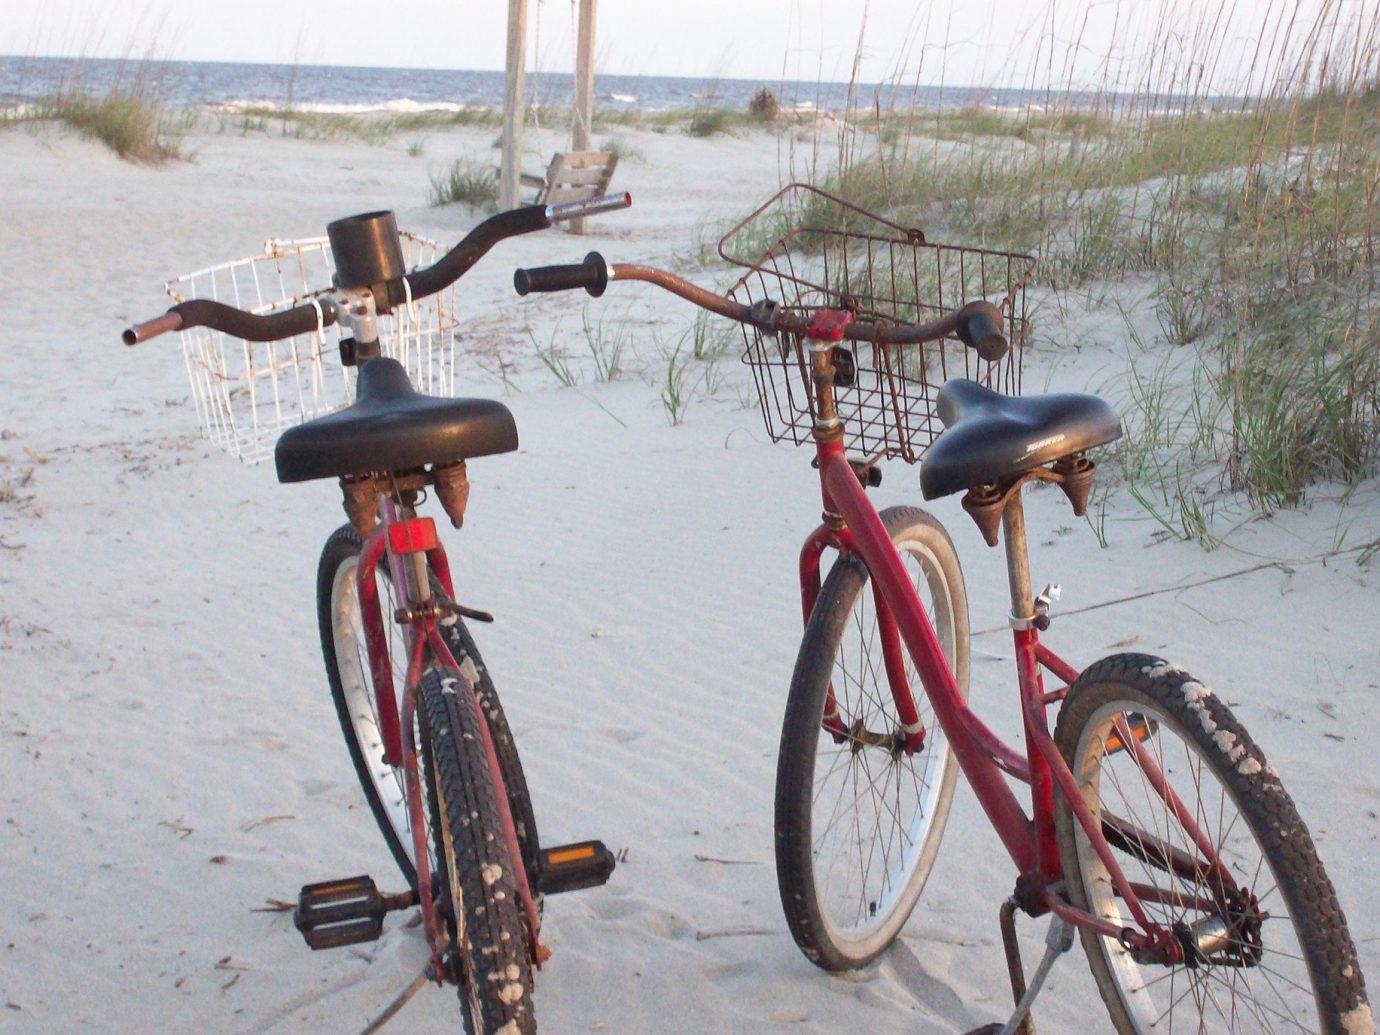 Bikes on the beach in Savannah, GA